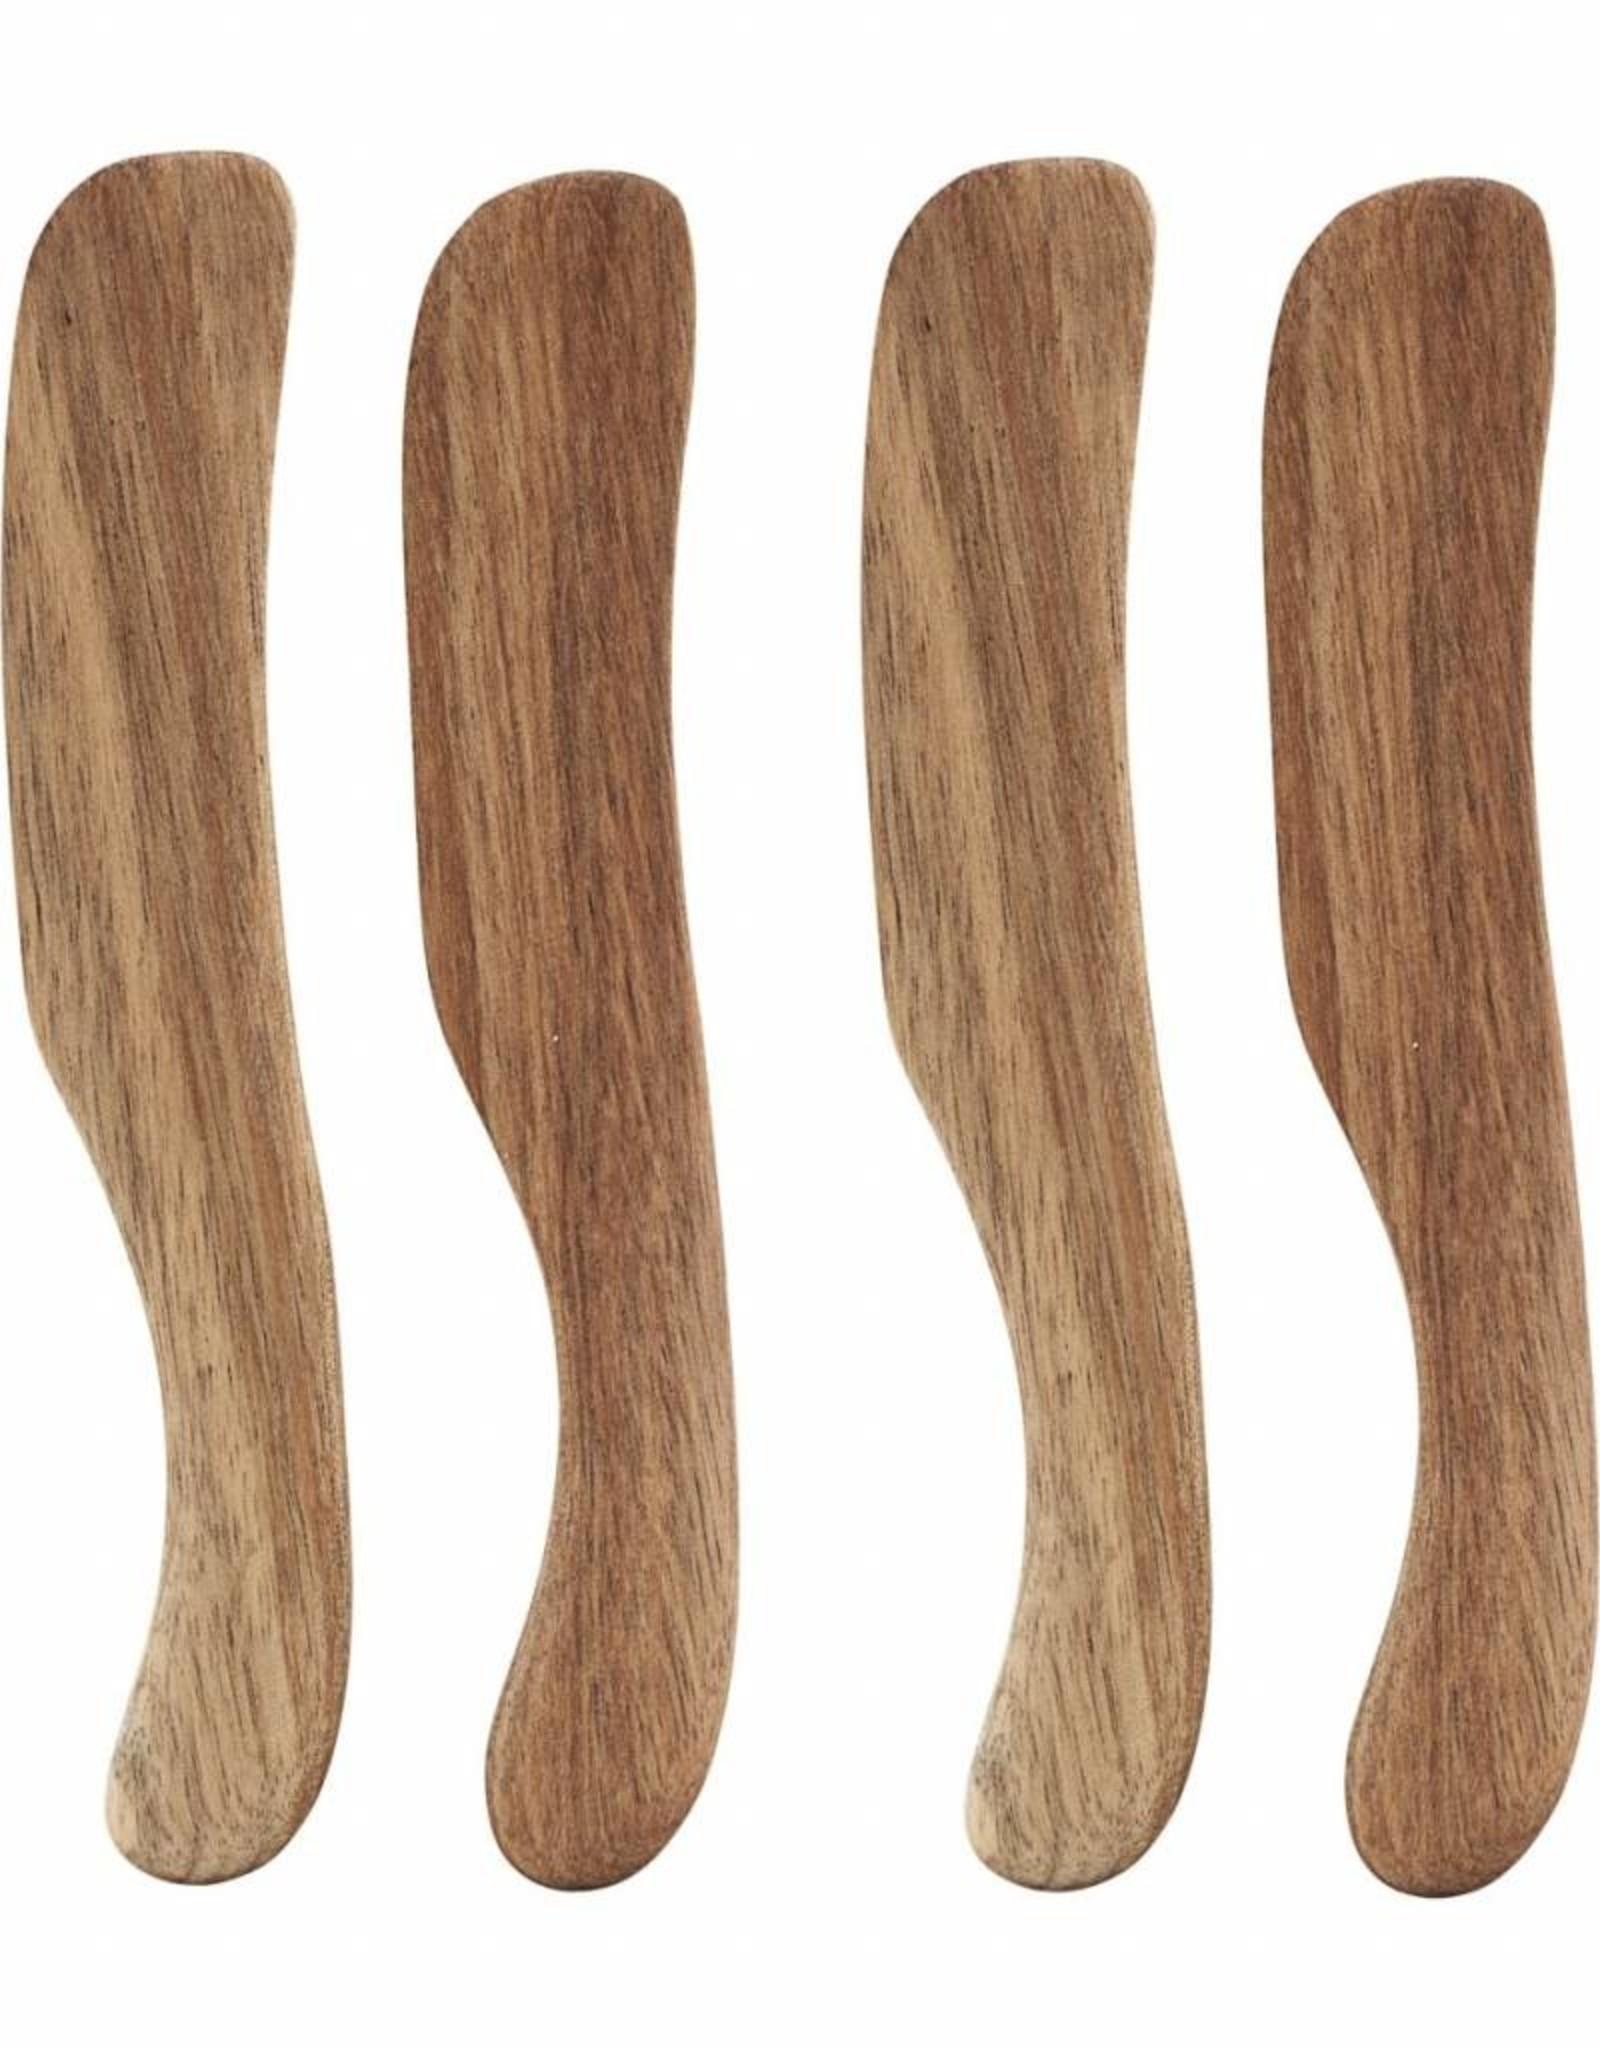 Nicolas Vahe Set of 4 Acacia Wood Butter Knives